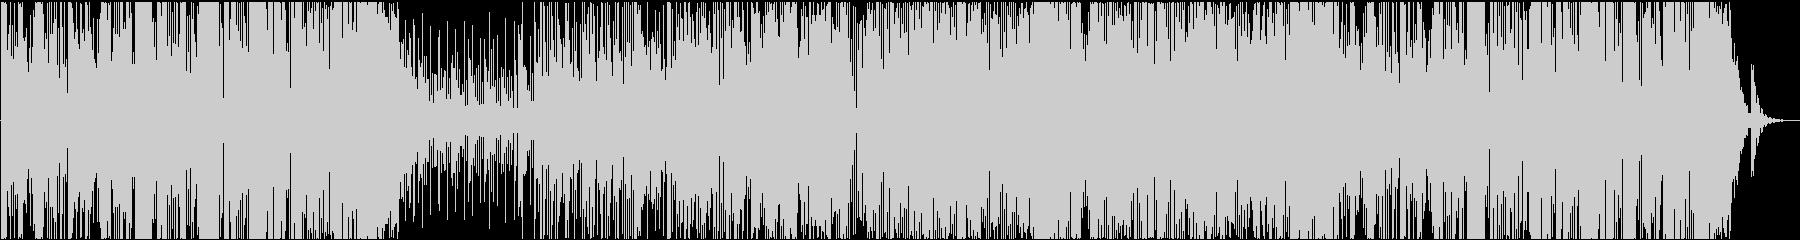 サックスが切ないミディアムボサノバの未再生の波形